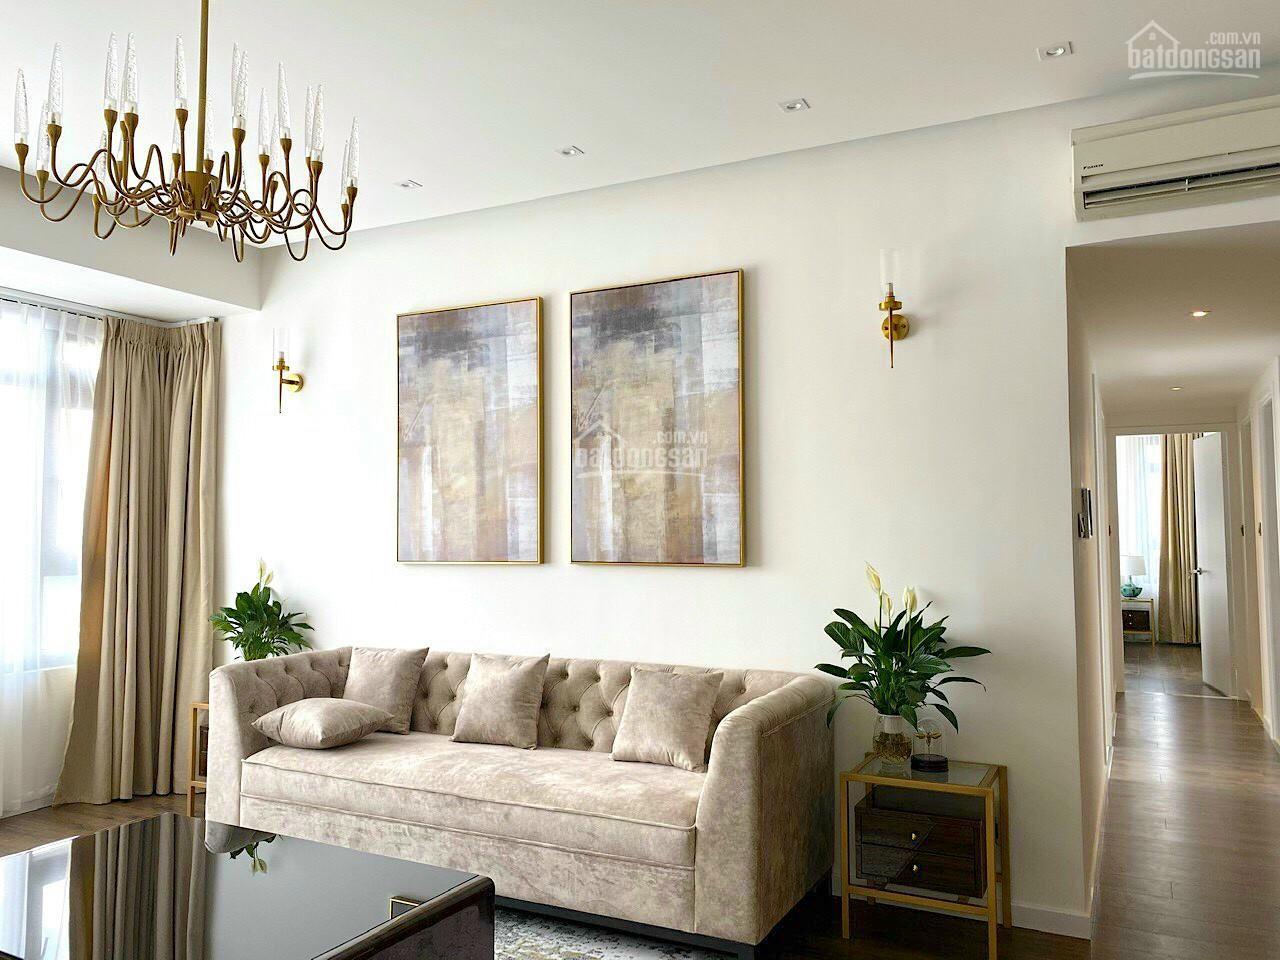 PKD Saigon Pearl 0931452132 nơi quý khách an tâm mua nhà giá tốt nhất, 2PN 4.6 tỷ, 3PN 7.6 tỷ